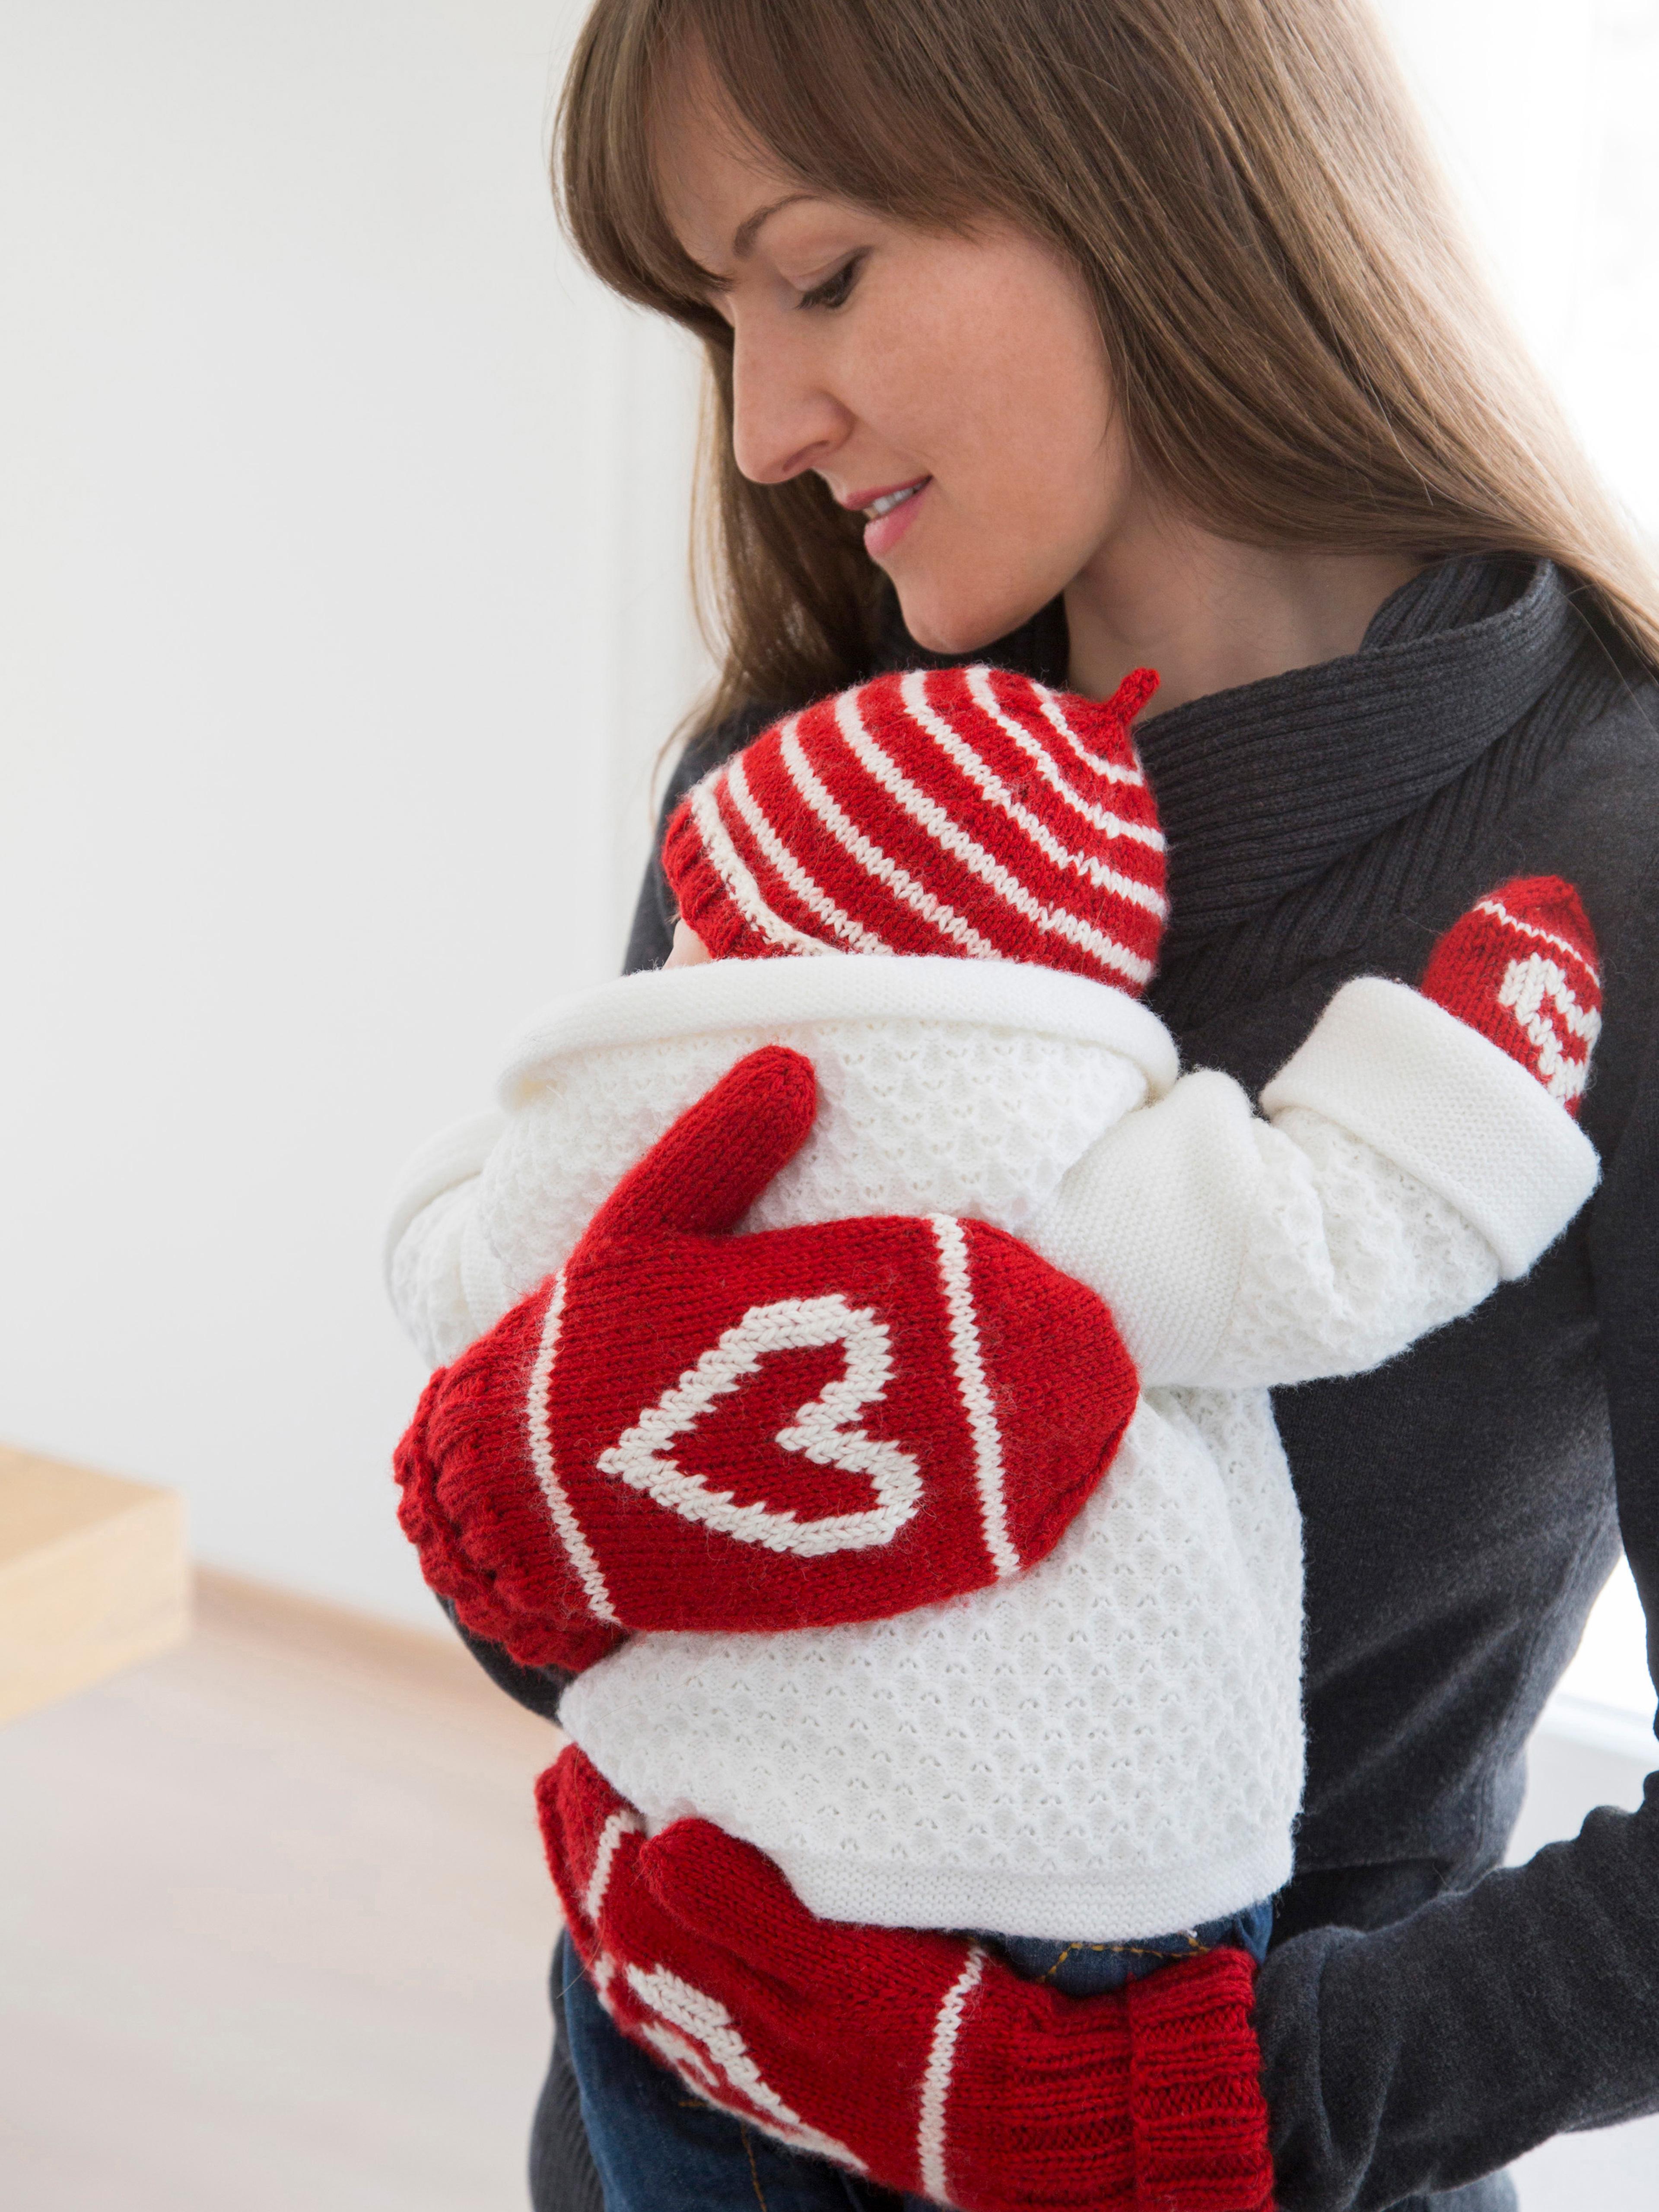 Mutter mit Baby mit gestrickter Babykleidung in rot-weiß